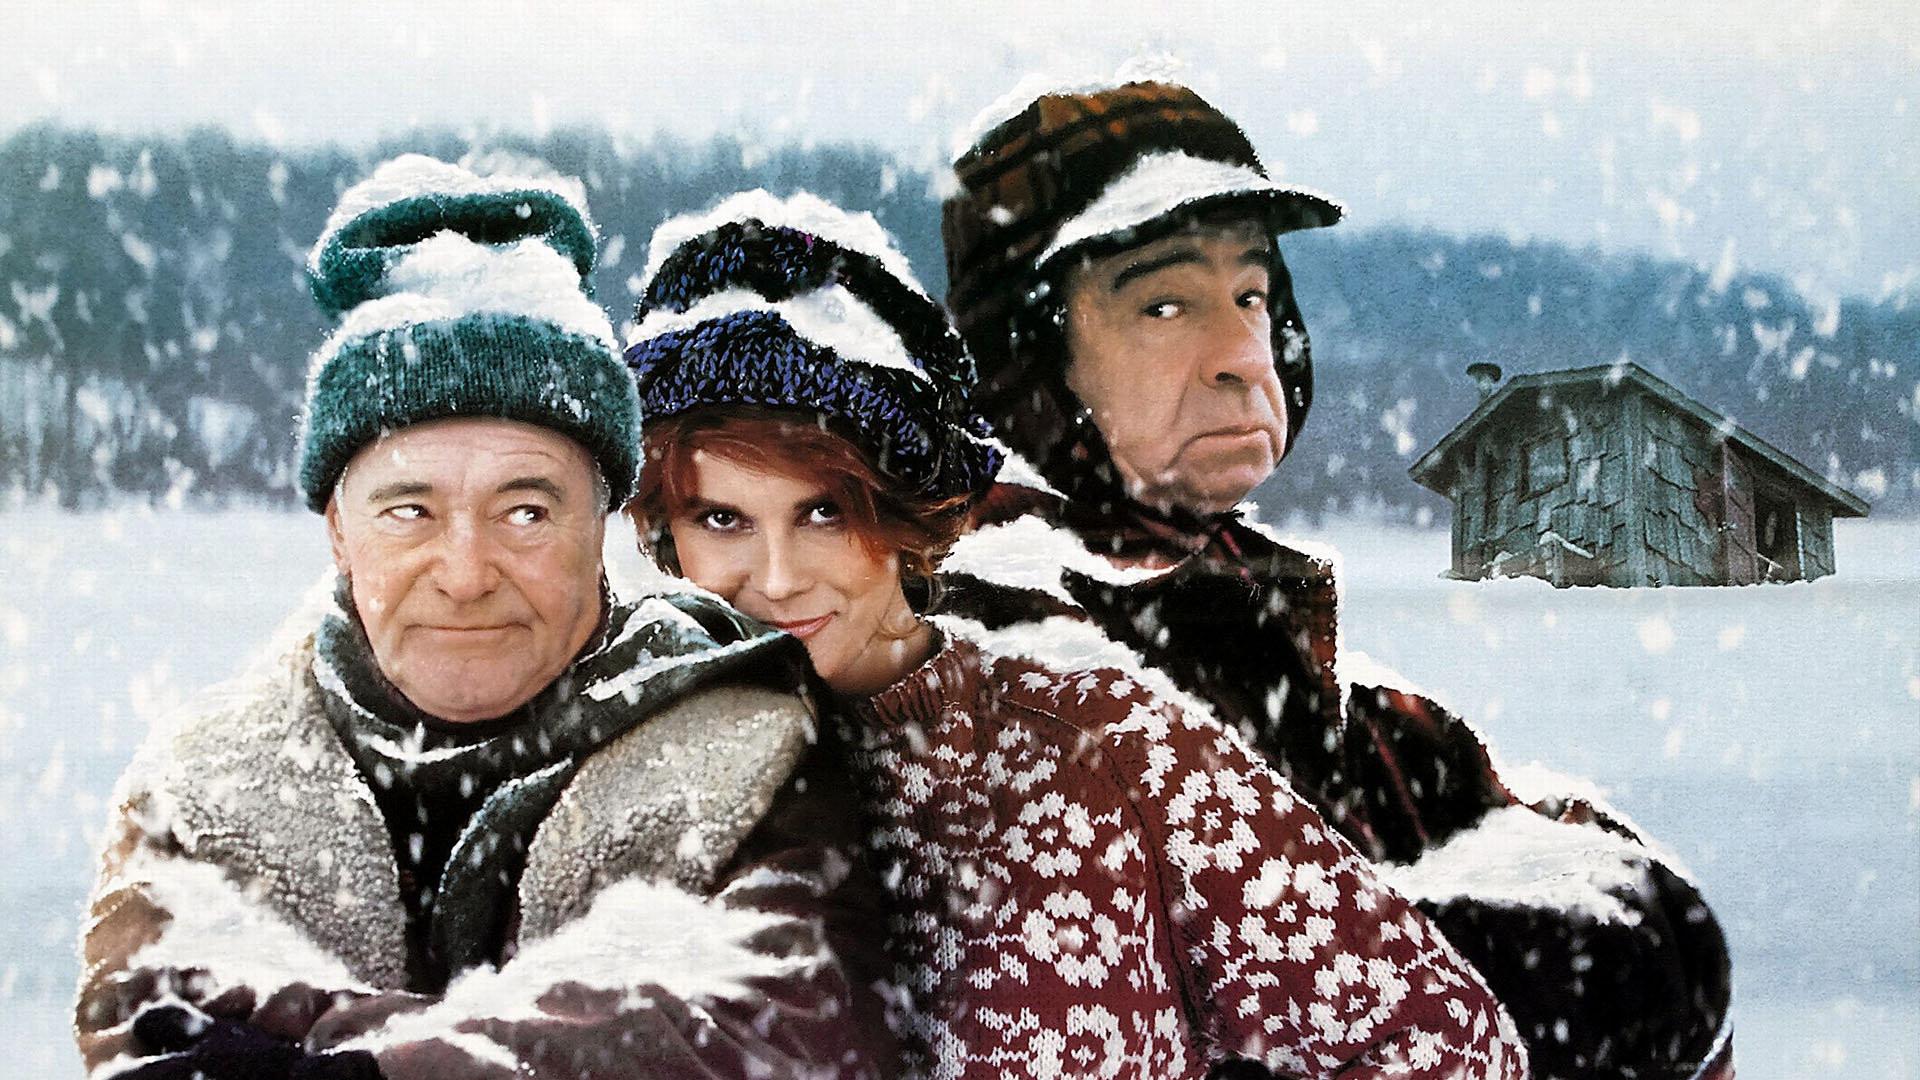 Dos viejos gruñones (Grumpy Old Men) (1993)